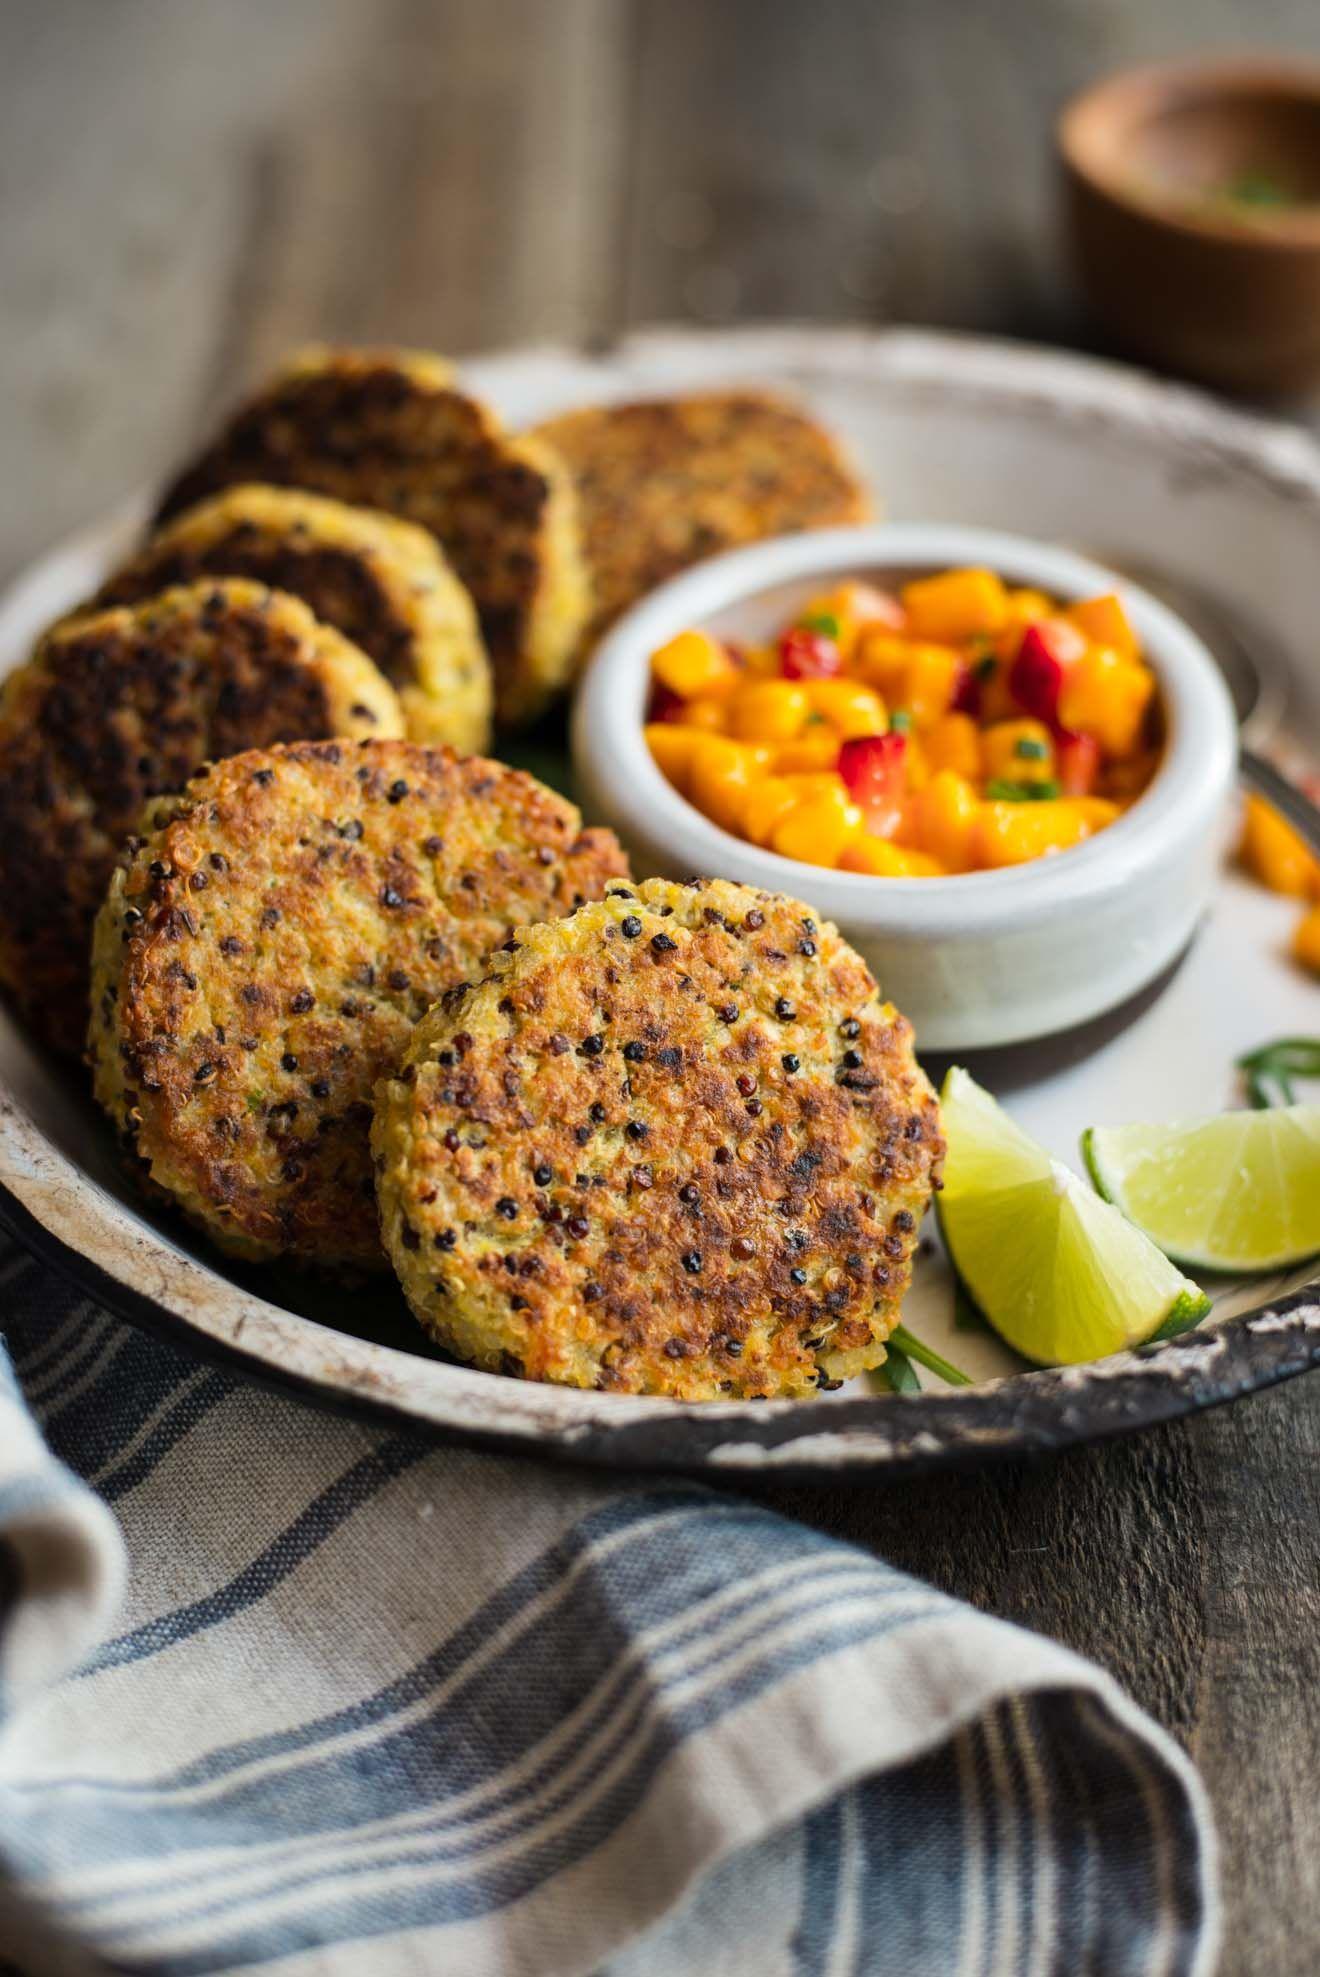 Gesunde Quinoa Kuchen mit Kichererbsen und Mango Salsa - diese Protein-verpackte Kuchen sind hervorragend als Aperitif oder eine Mahlzeit!  von @healthynibs